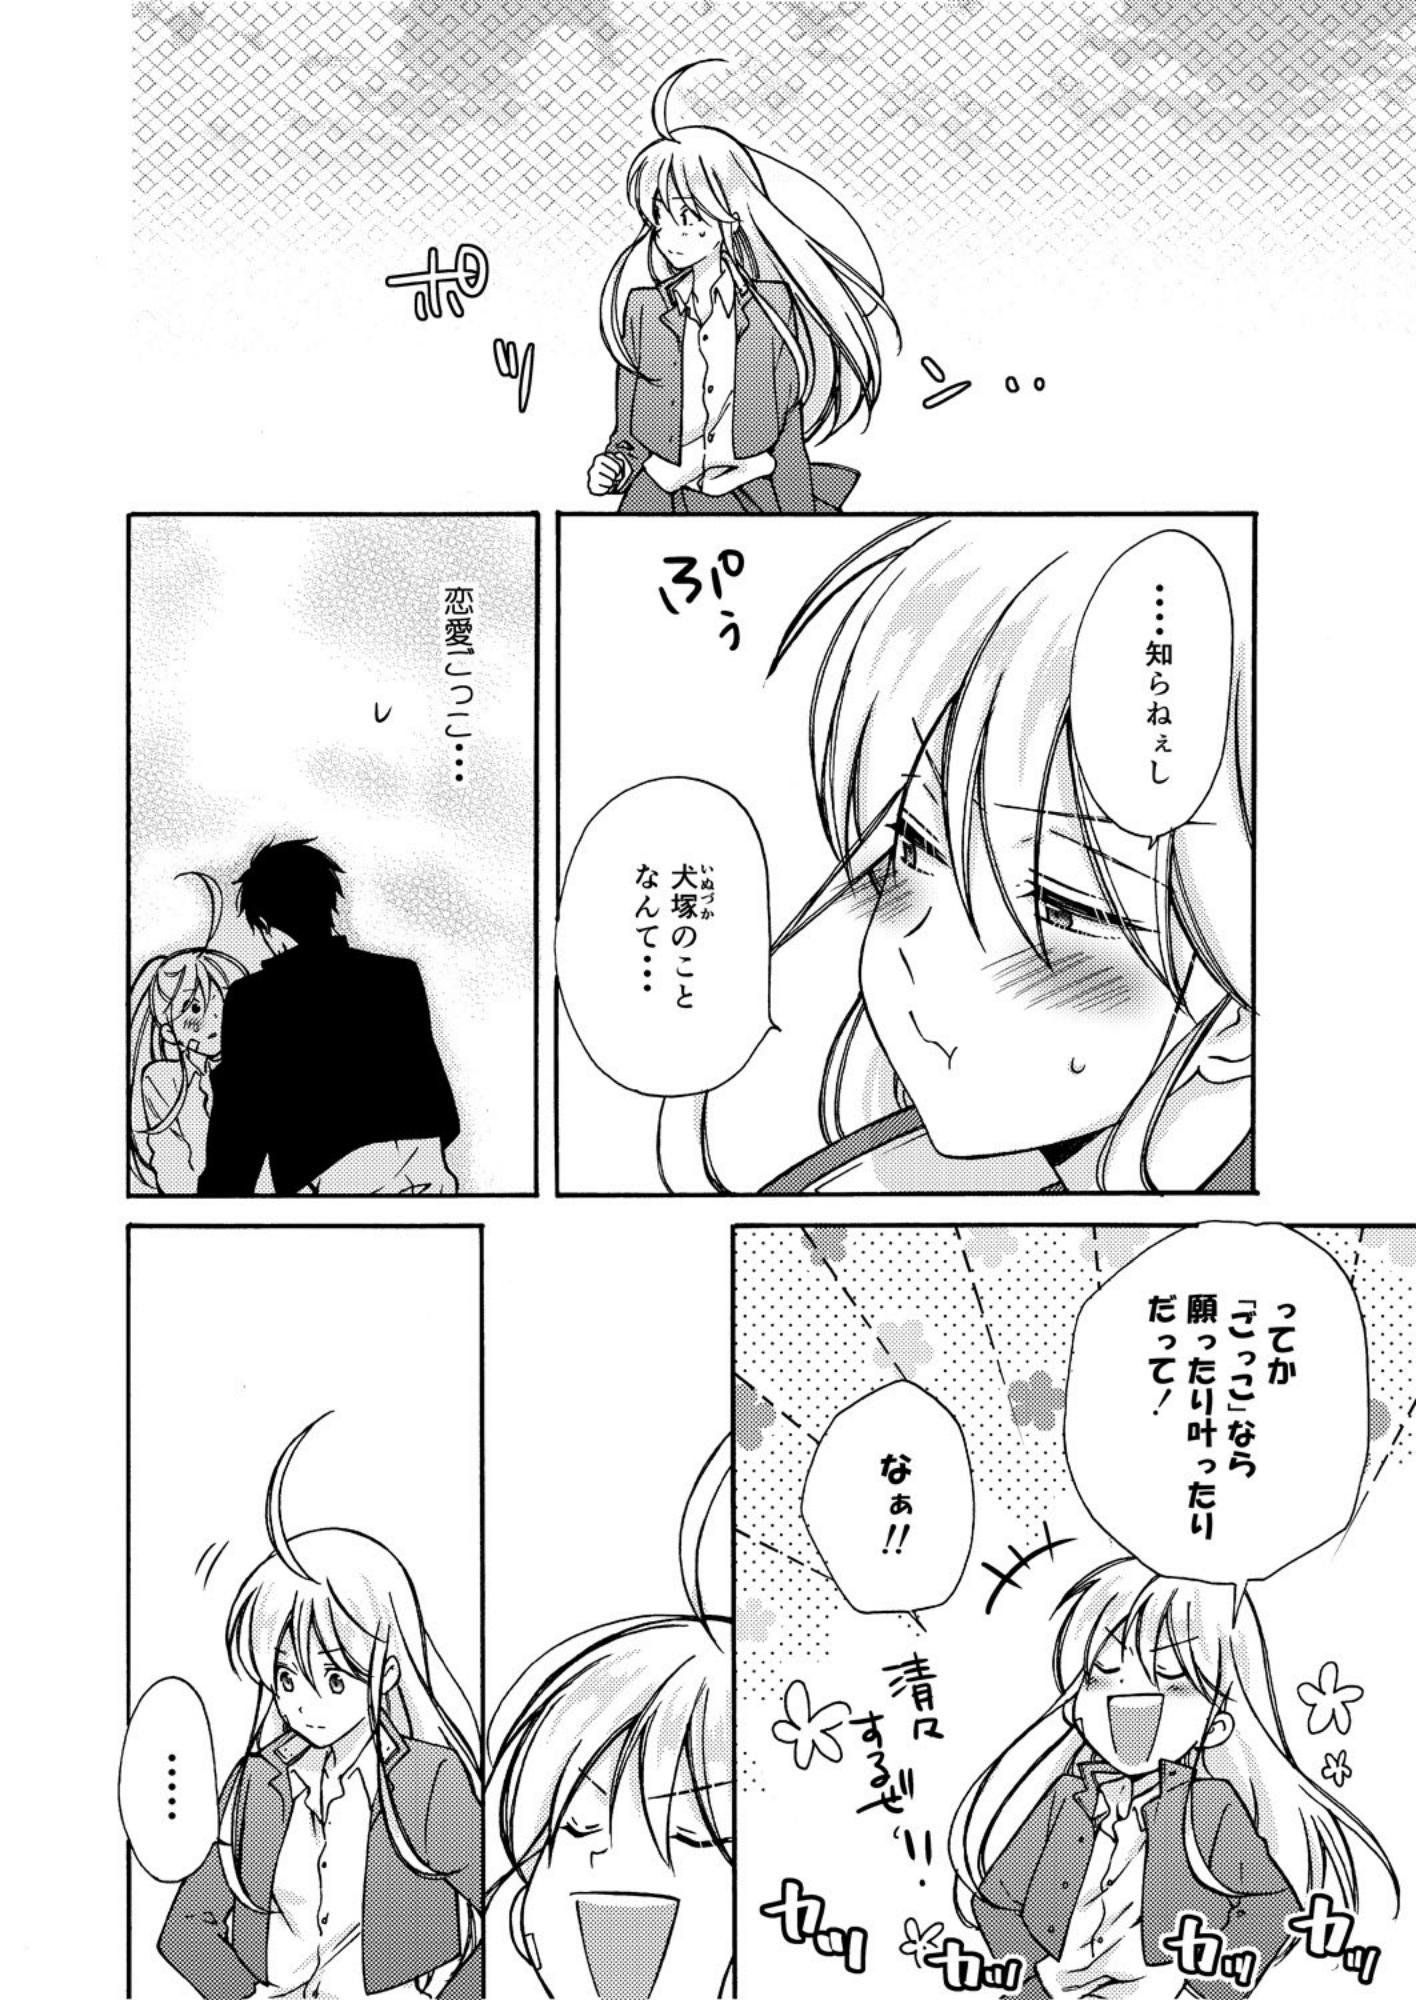 Nyotaika Yankee Gakuen ☆ Ore no Hajimete, Nerawaretemasu. 5 4